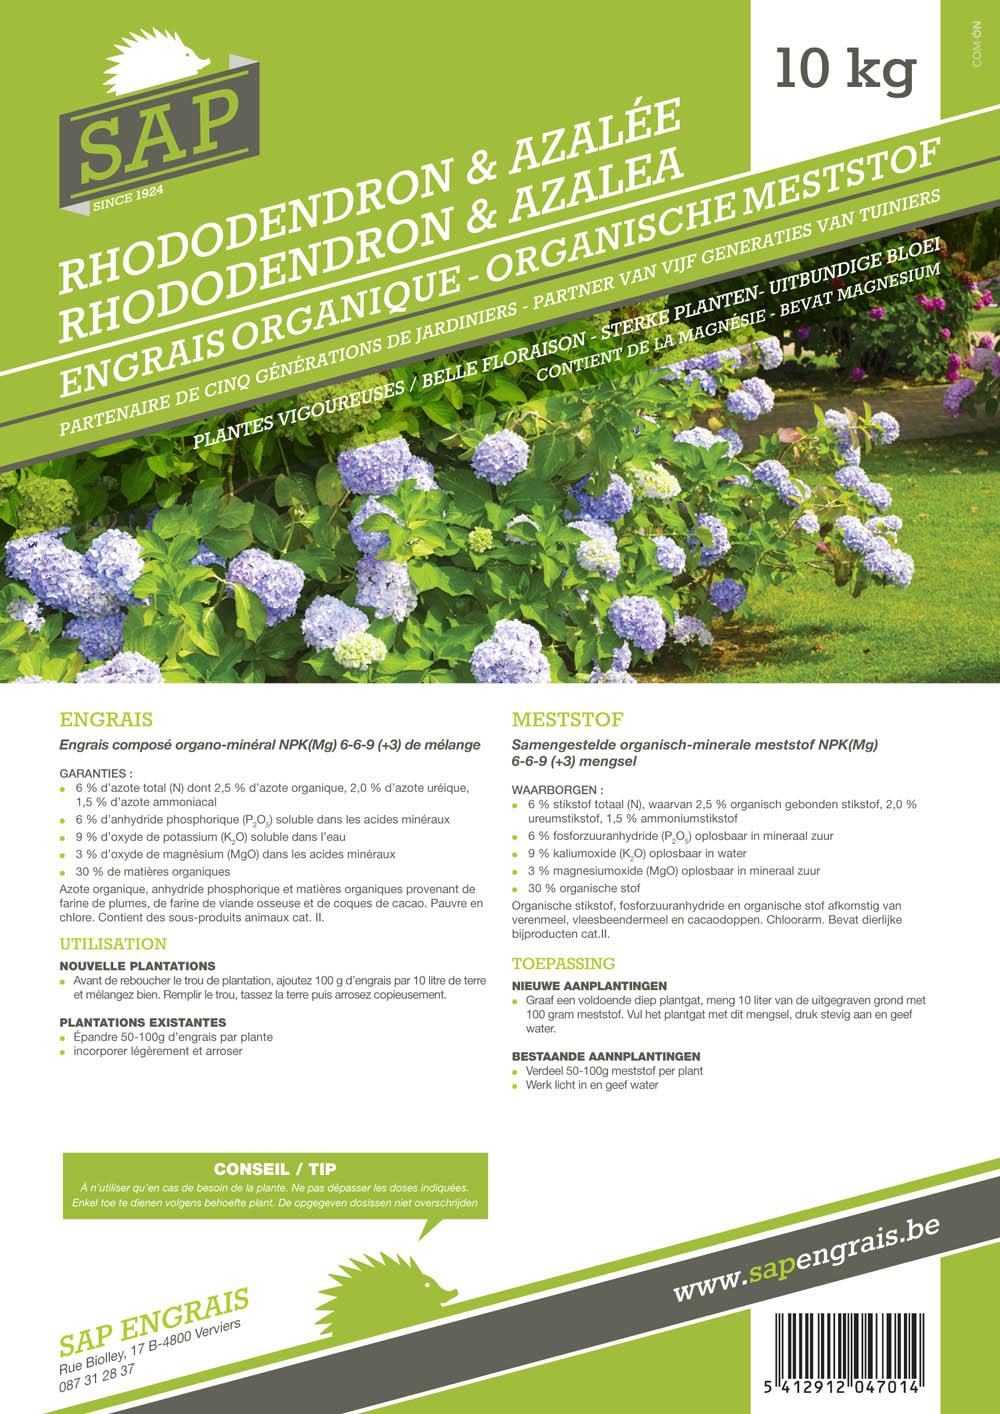 Engrais SAP Rhododendrons et azalées 10kg